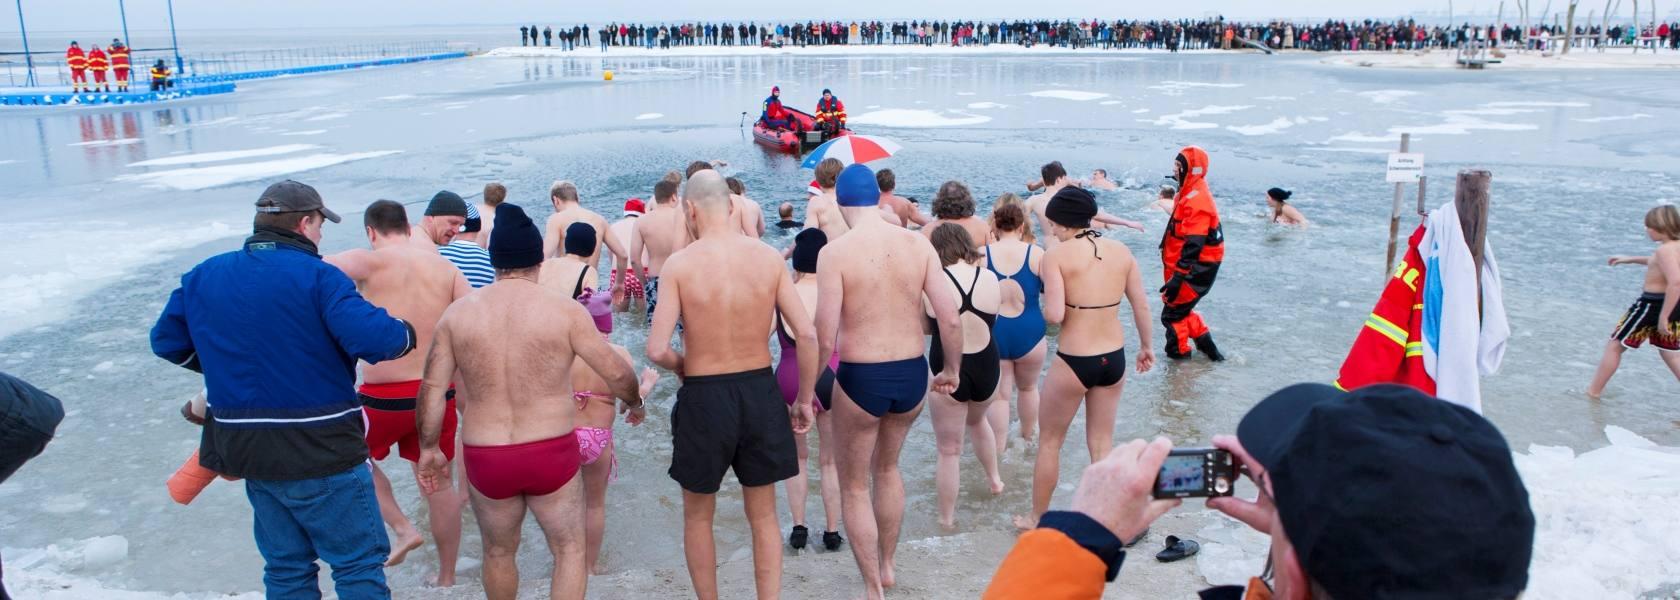 Neujahrsschwimmen in Butjadingen, © www.butjadingen.de / Fotograf: Thomas Hellmann